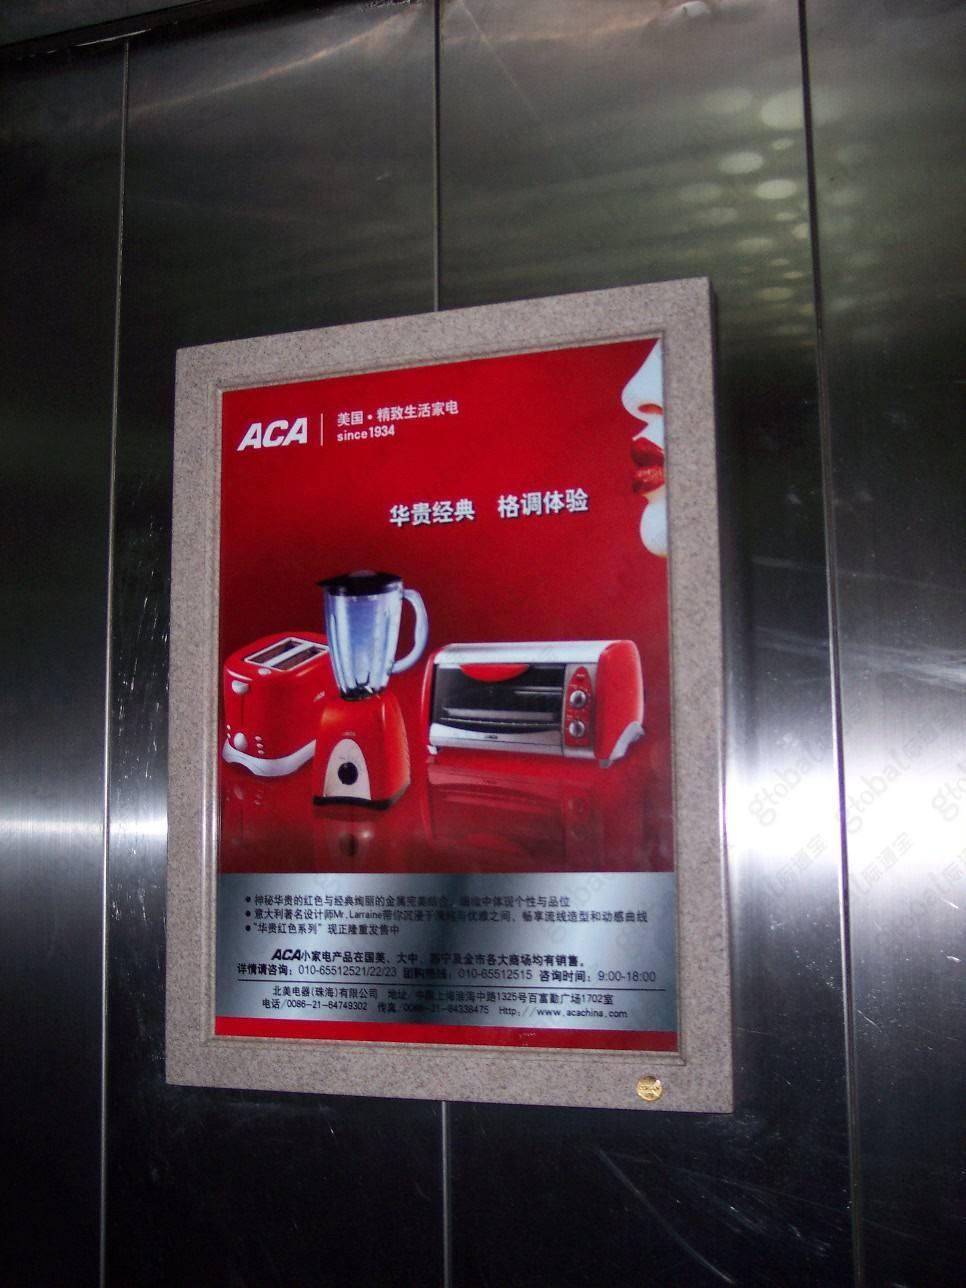 沈阳高端小区电梯广告-分众资源低至2折